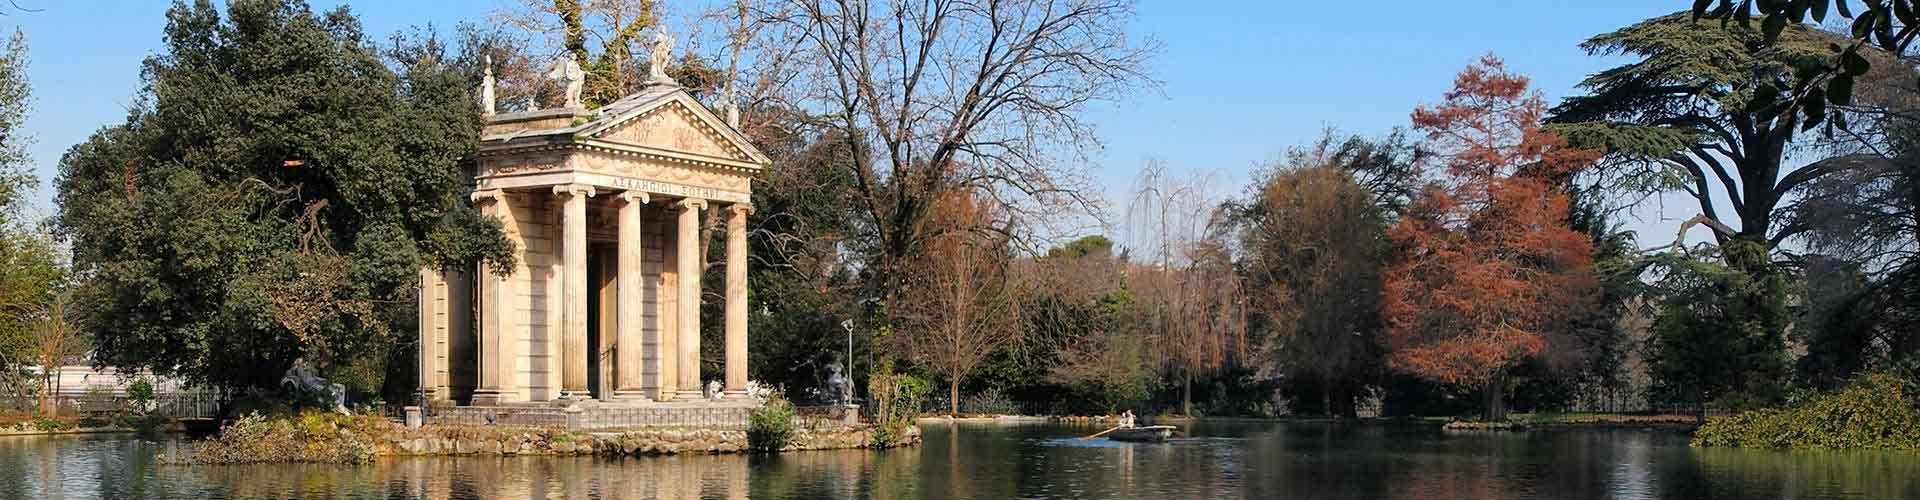 Roma - Albergues Juveniles cerca a Villa Borghese. Mapas de Roma, Fotos y Comentarios para cada Albergue Juvenil en Roma.